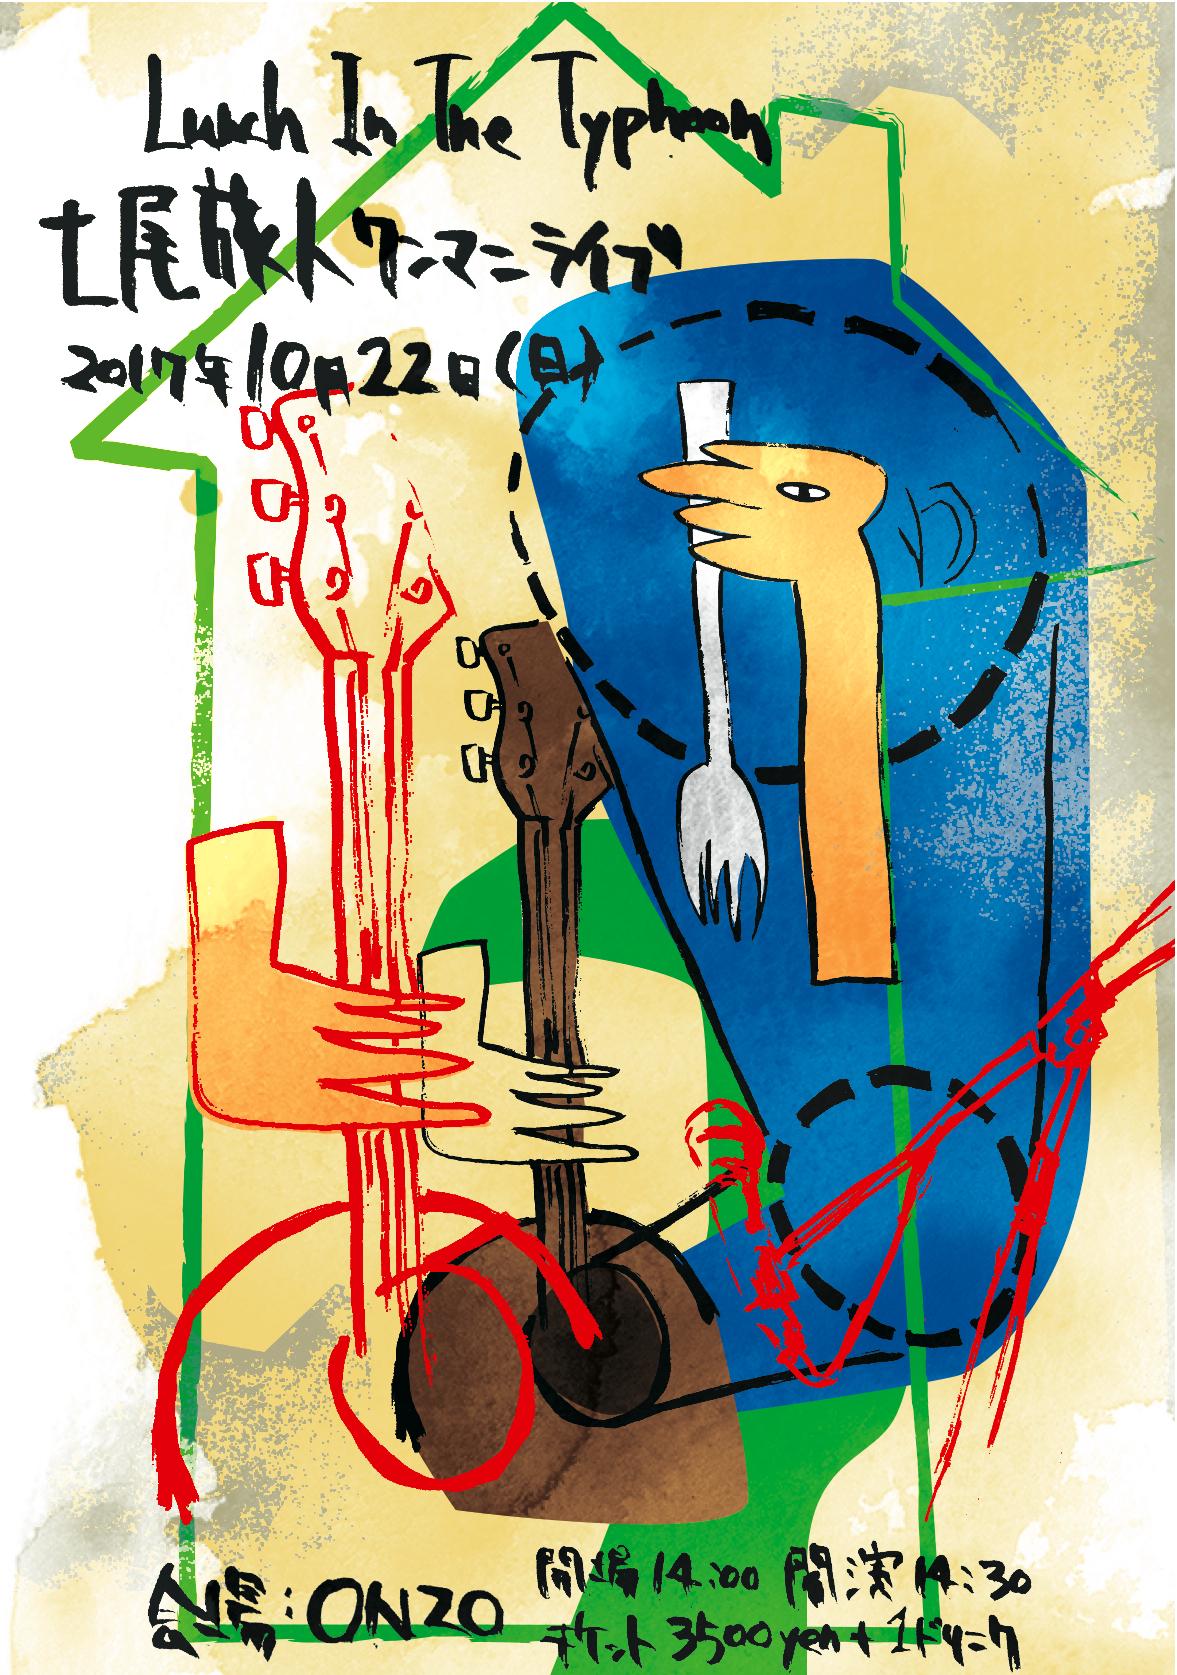 http://tavito.net/blog/images/IMG_6619.JPG